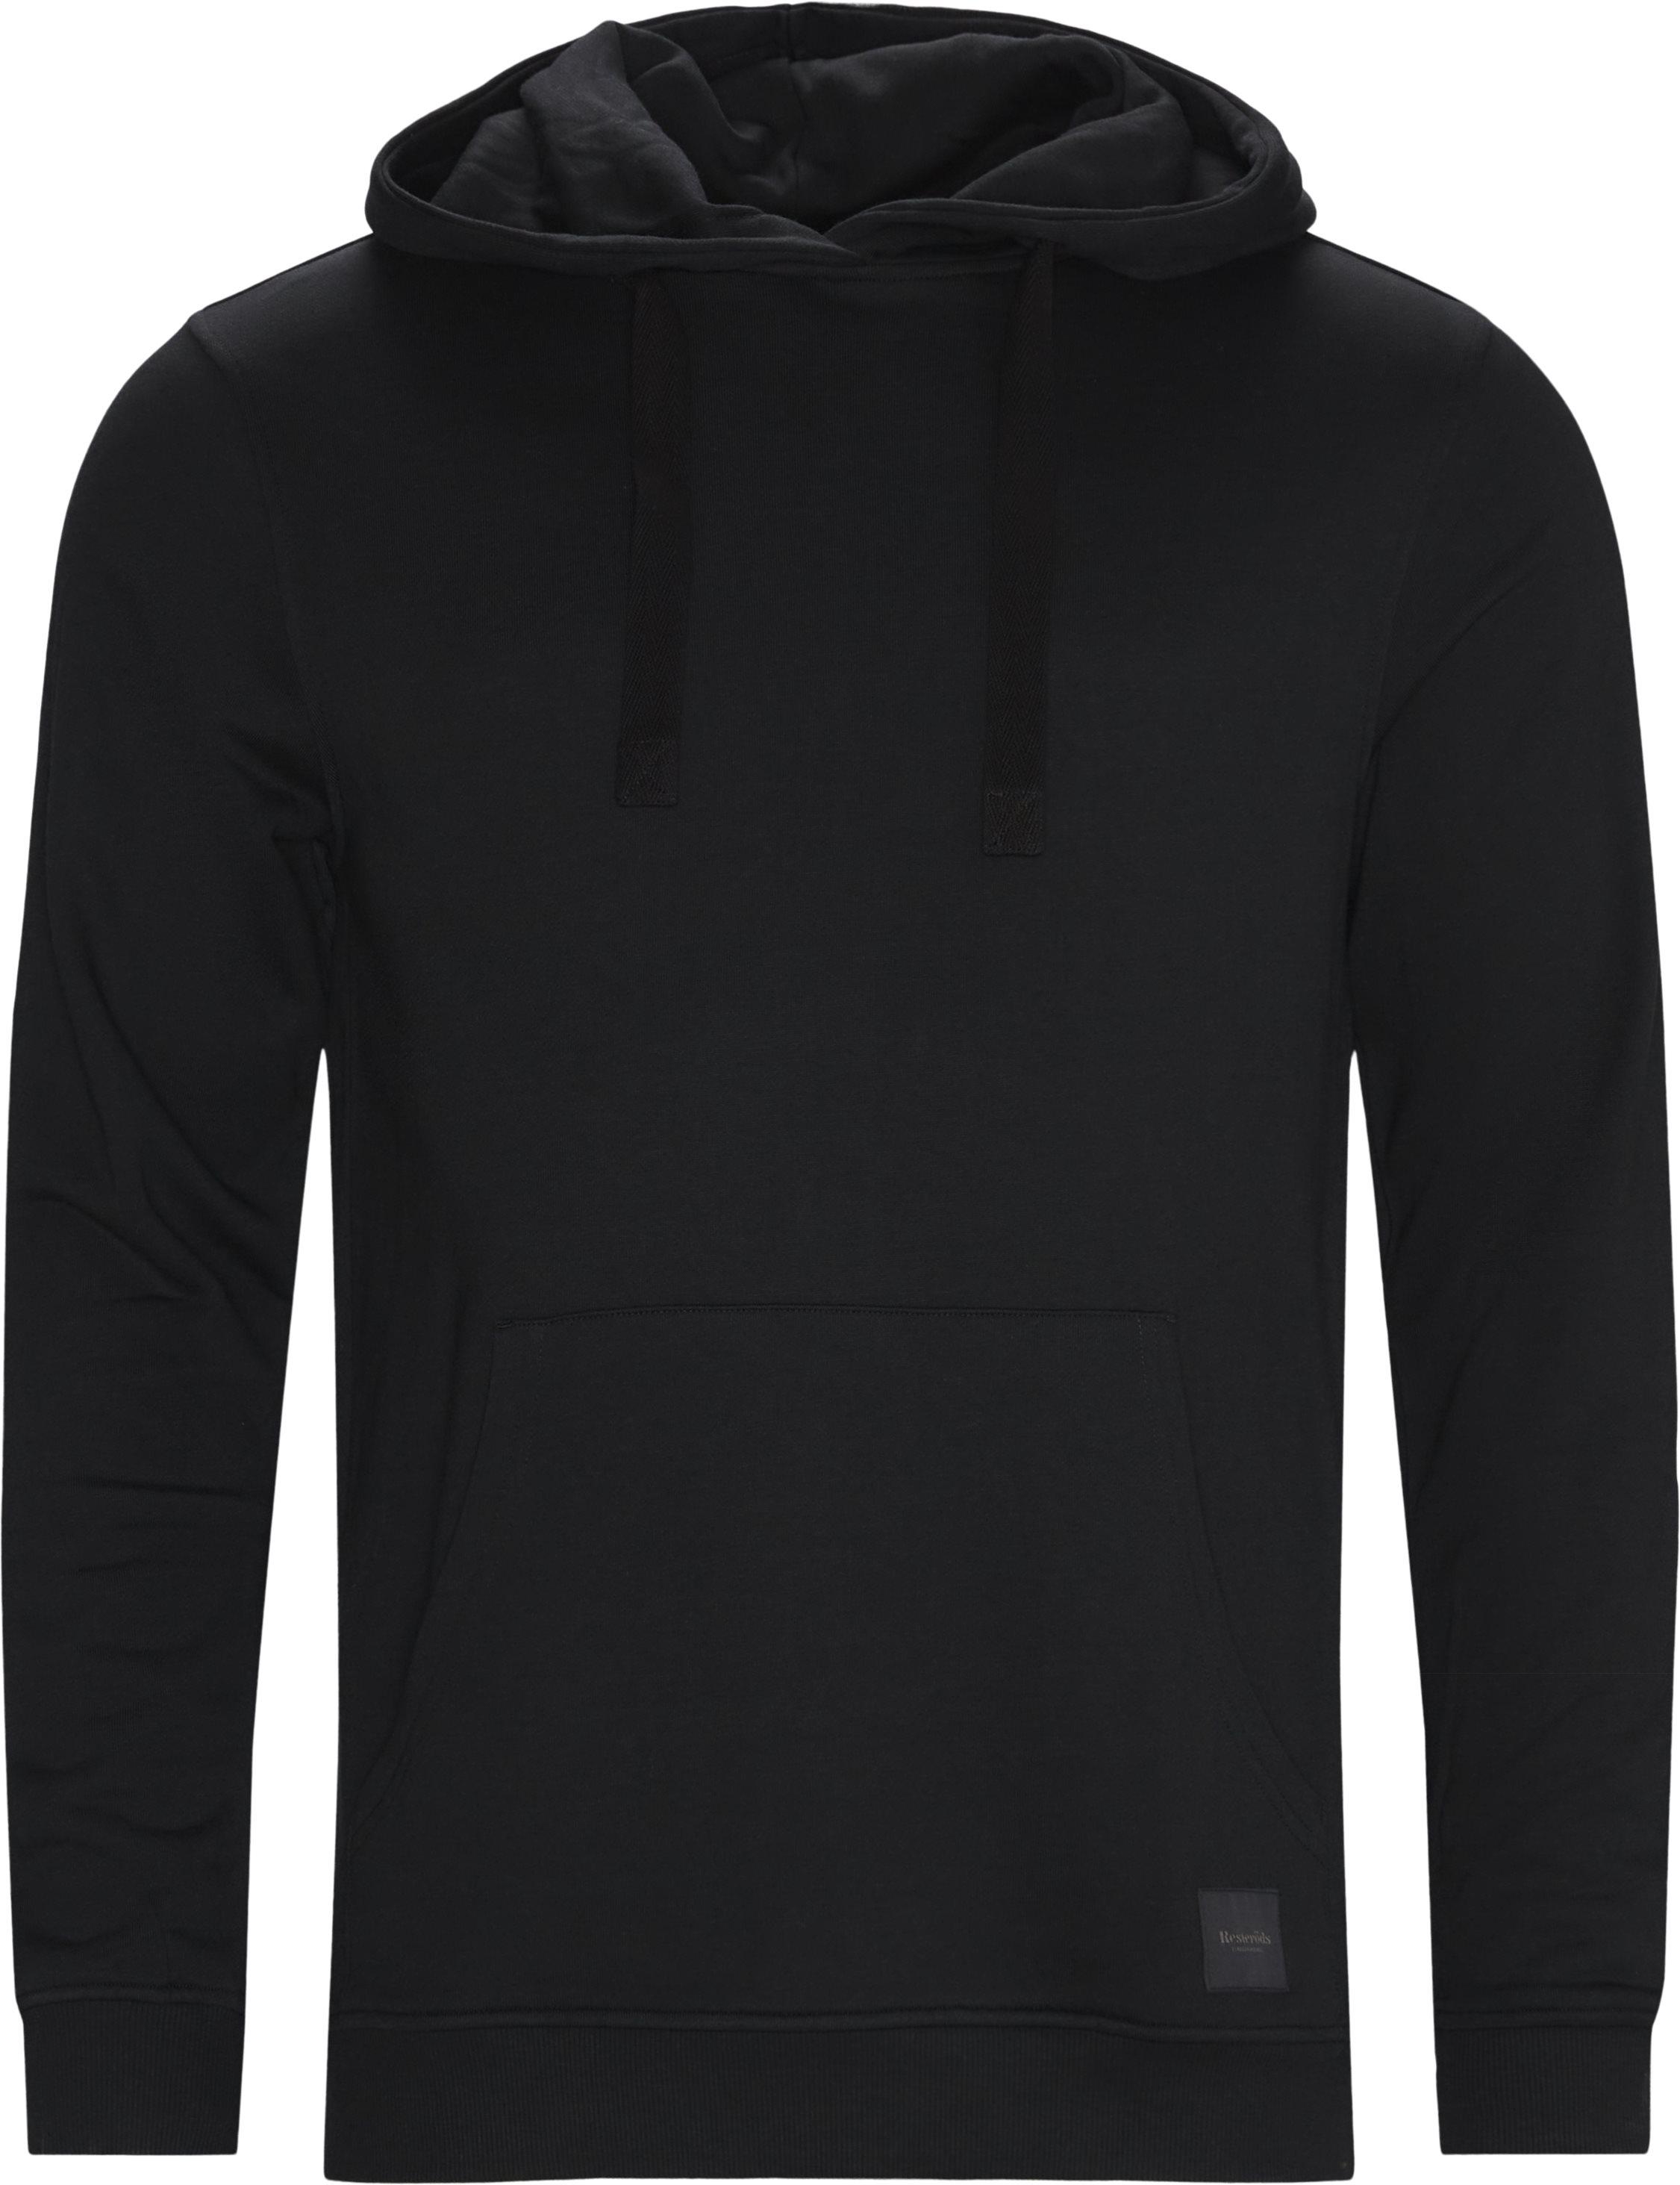 Bamboo Hoodie - Sweatshirts - Regular - Svart